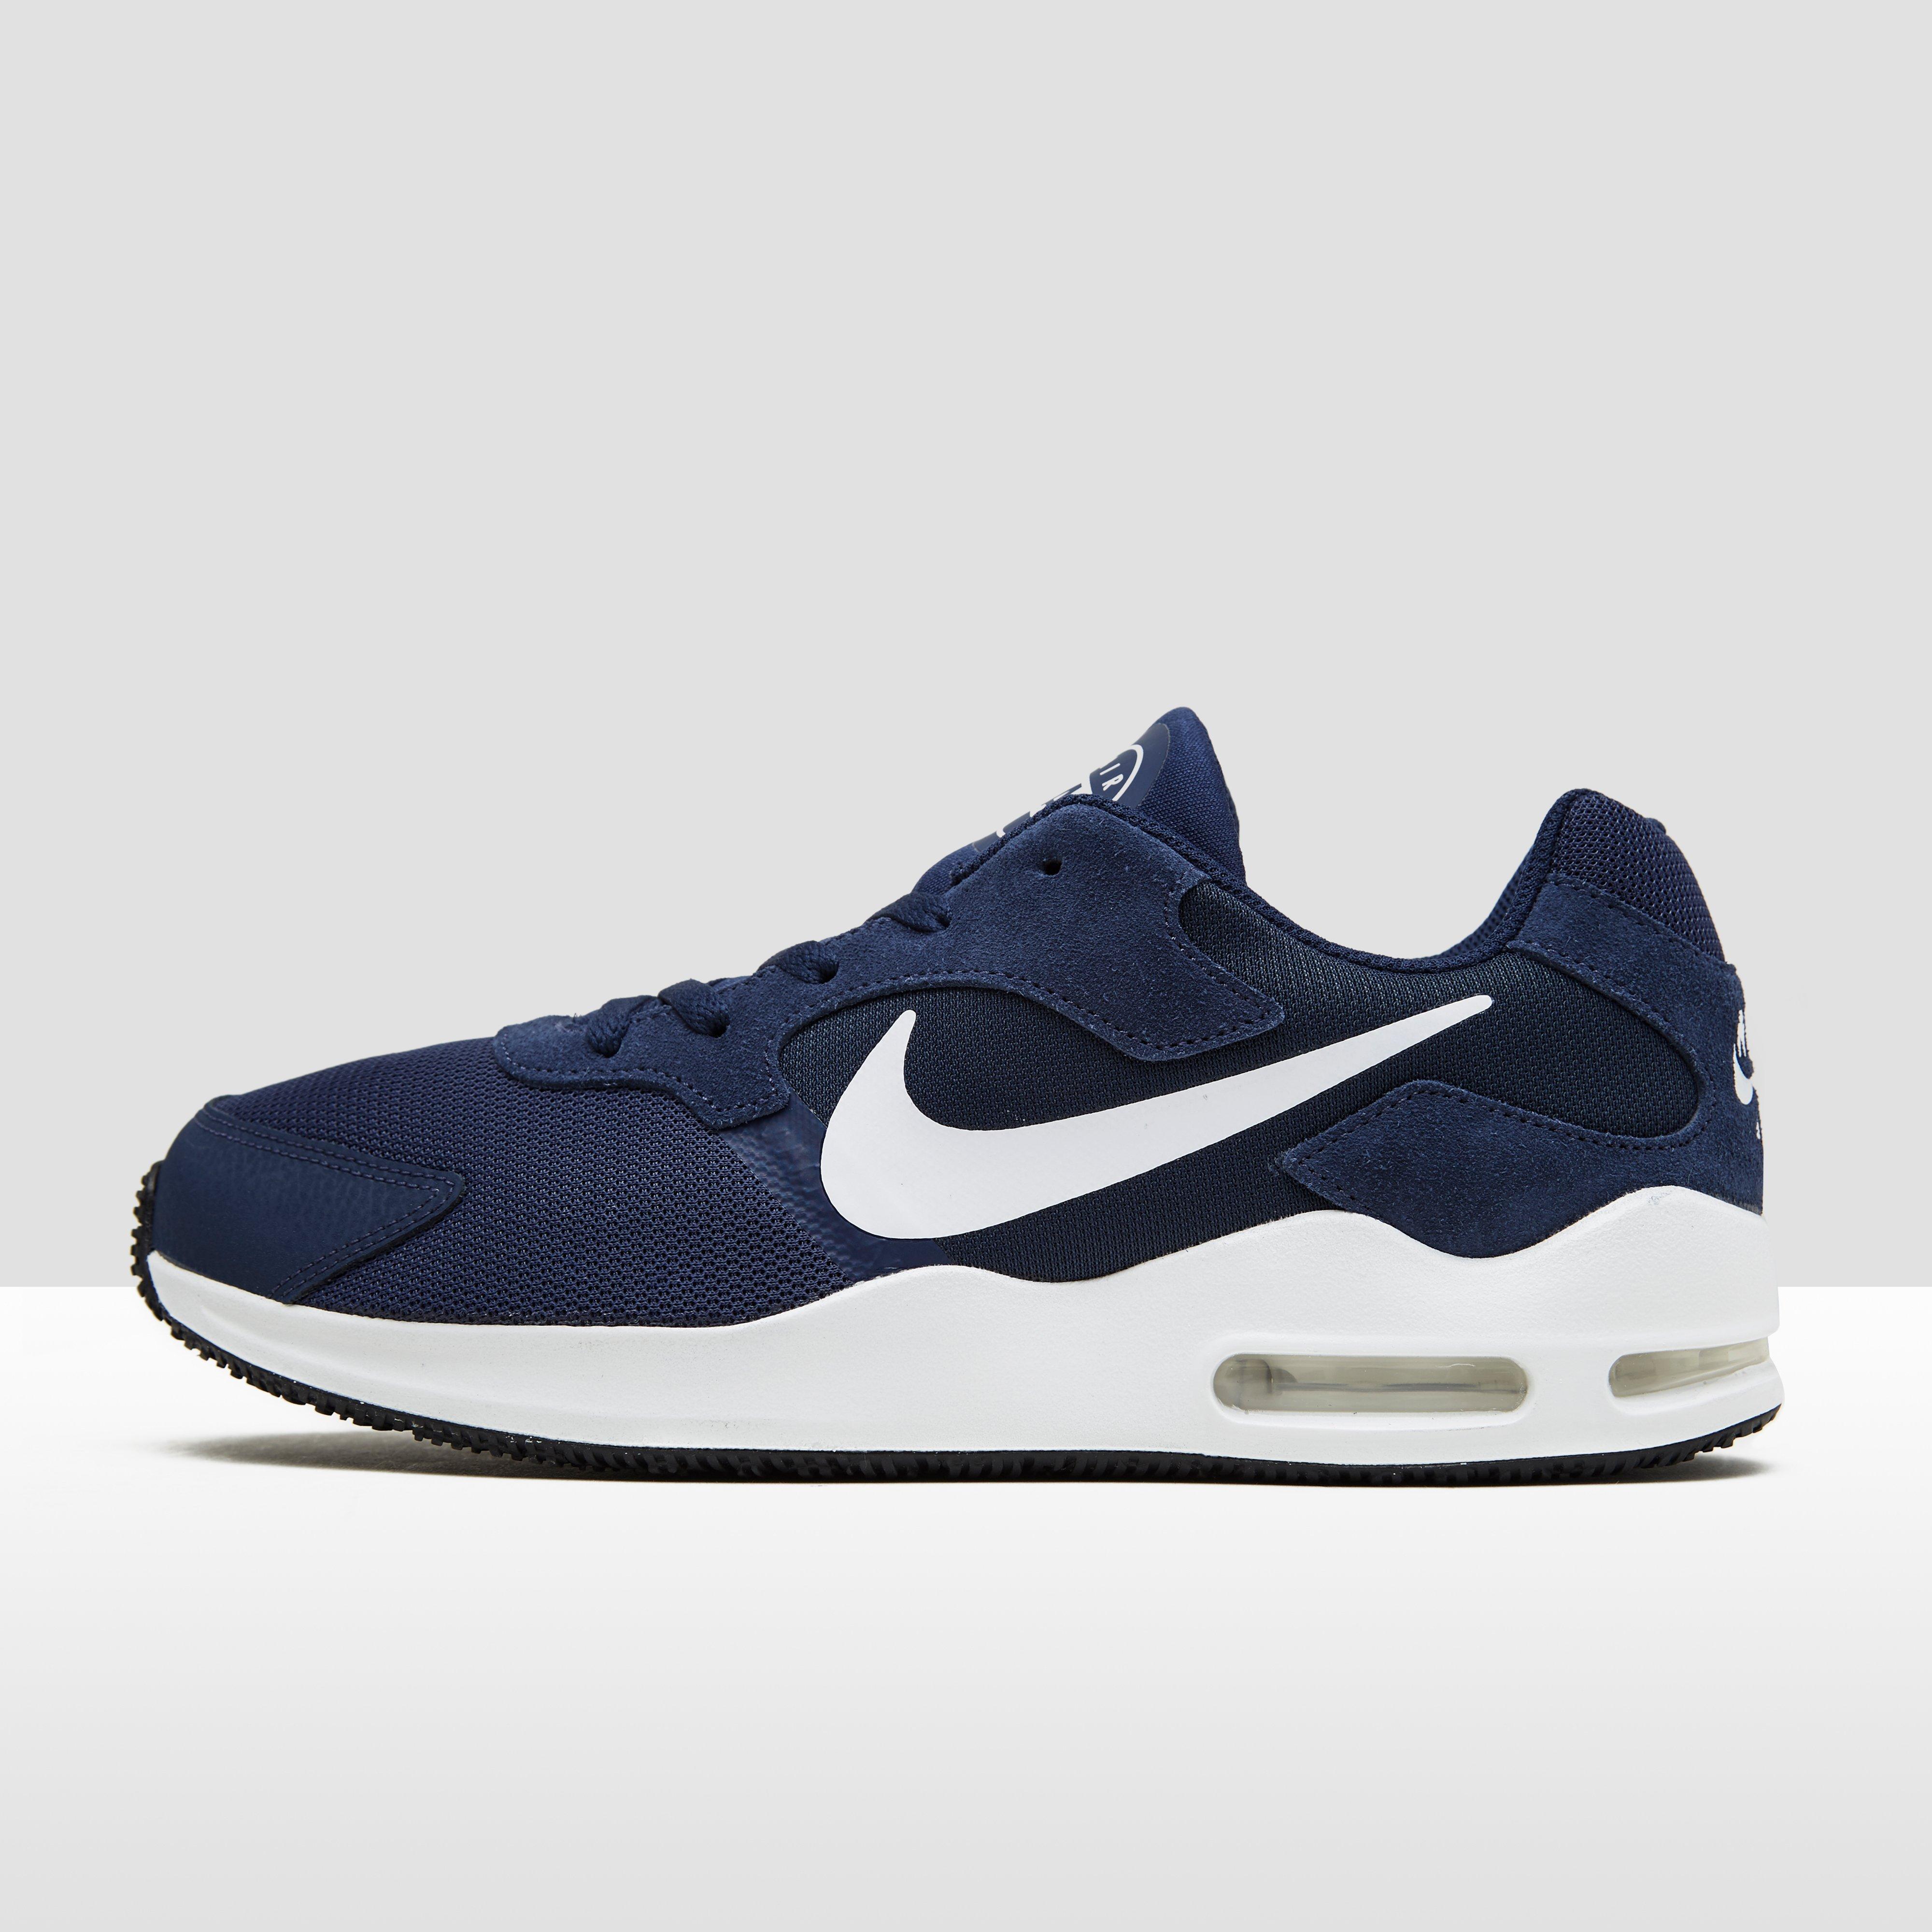 Bleu Chaussures Nike Air Max Pour Les Hommes Guile iK76e